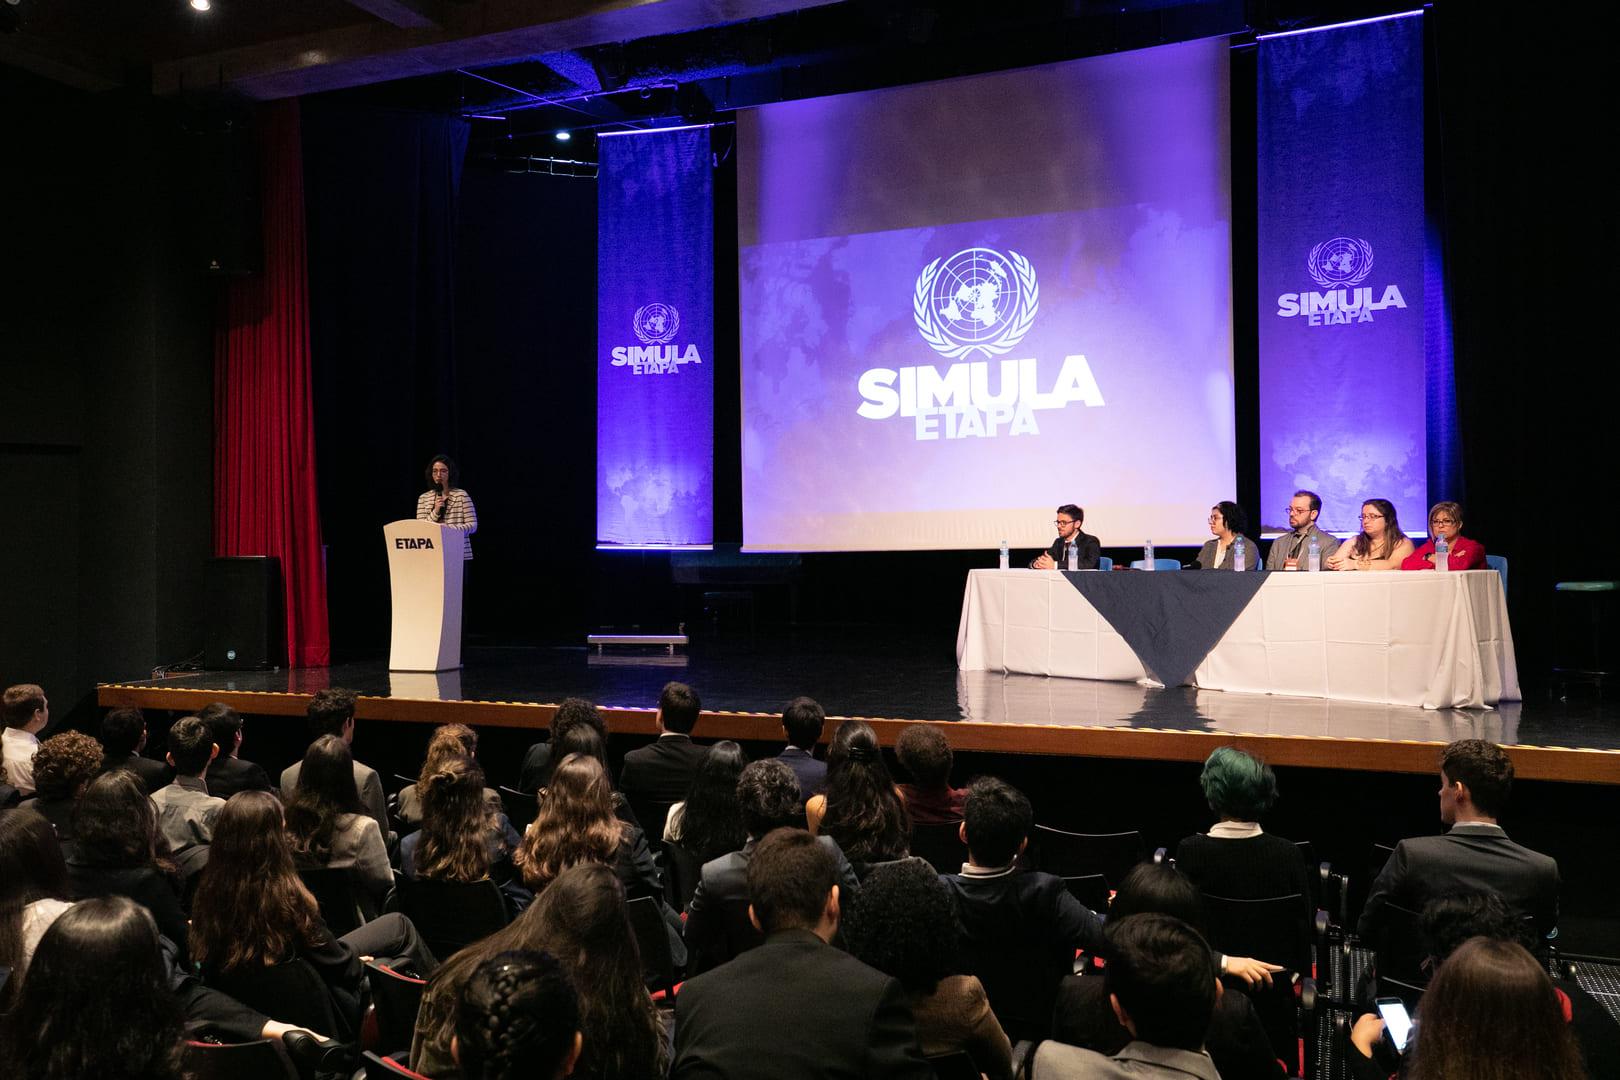 III Simula Etapa propõe reflexão sobre direitos humanos e o vazamento de dados virtuais(2)